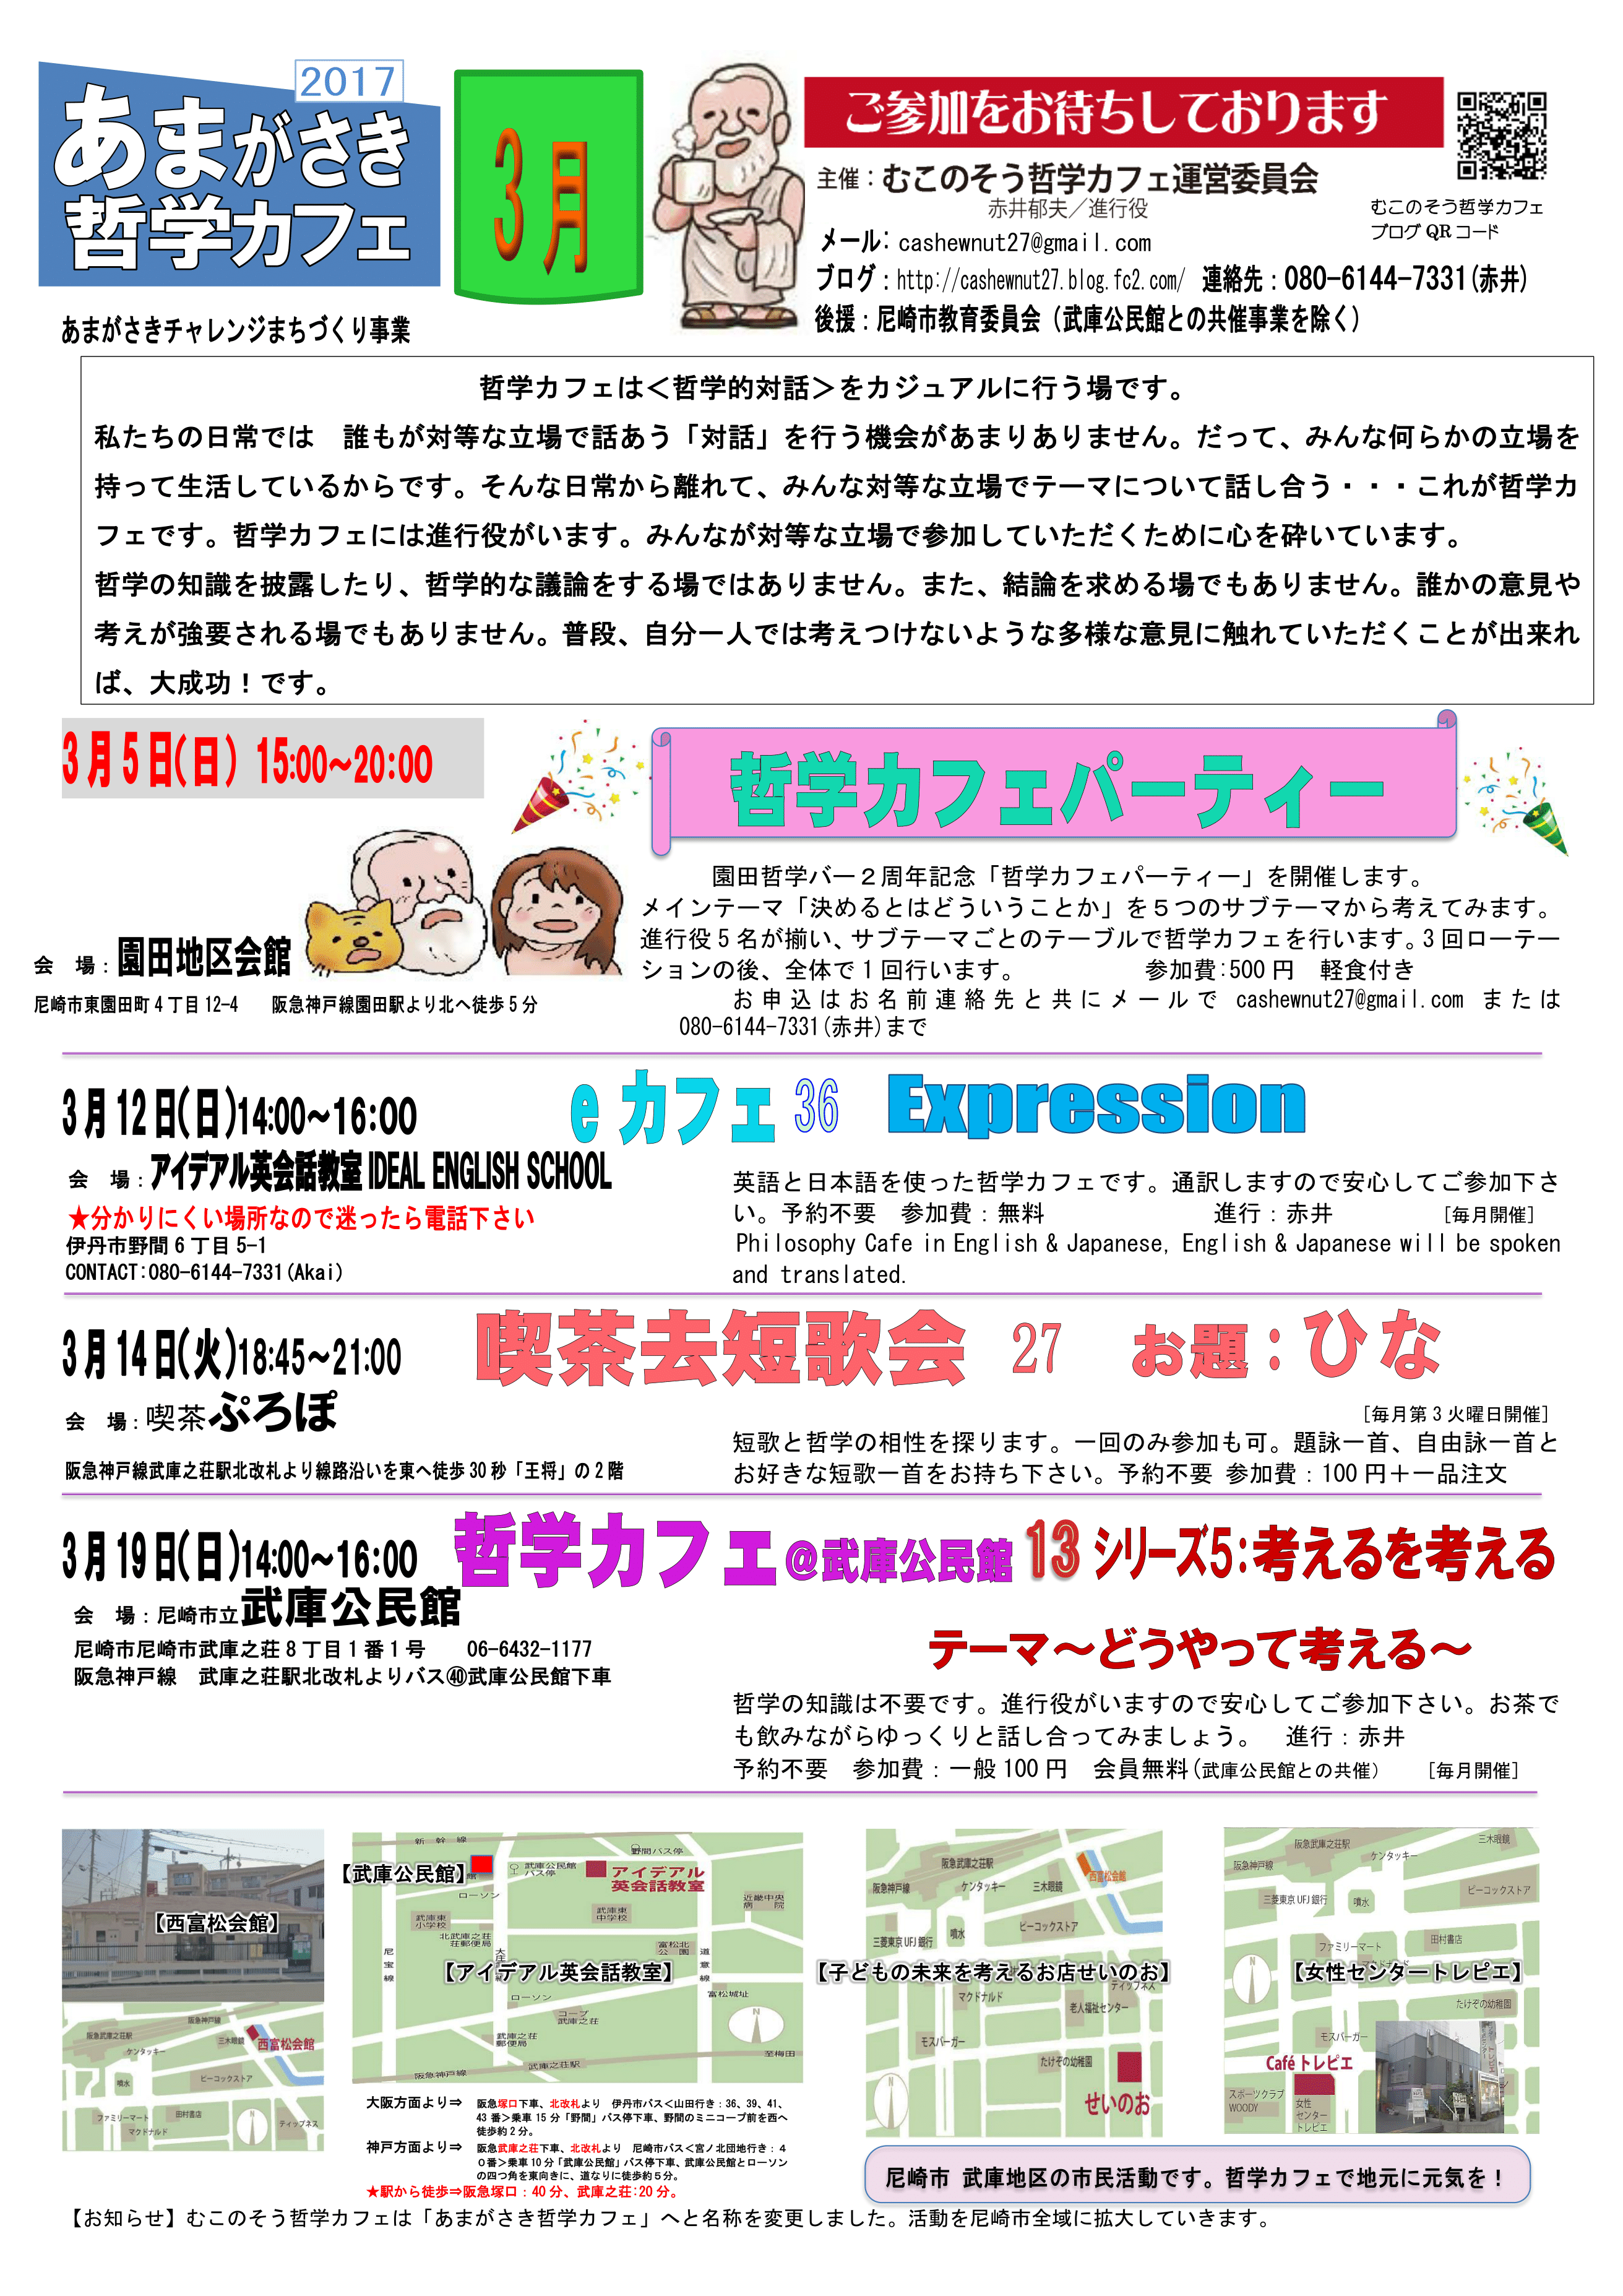 01703ポスター